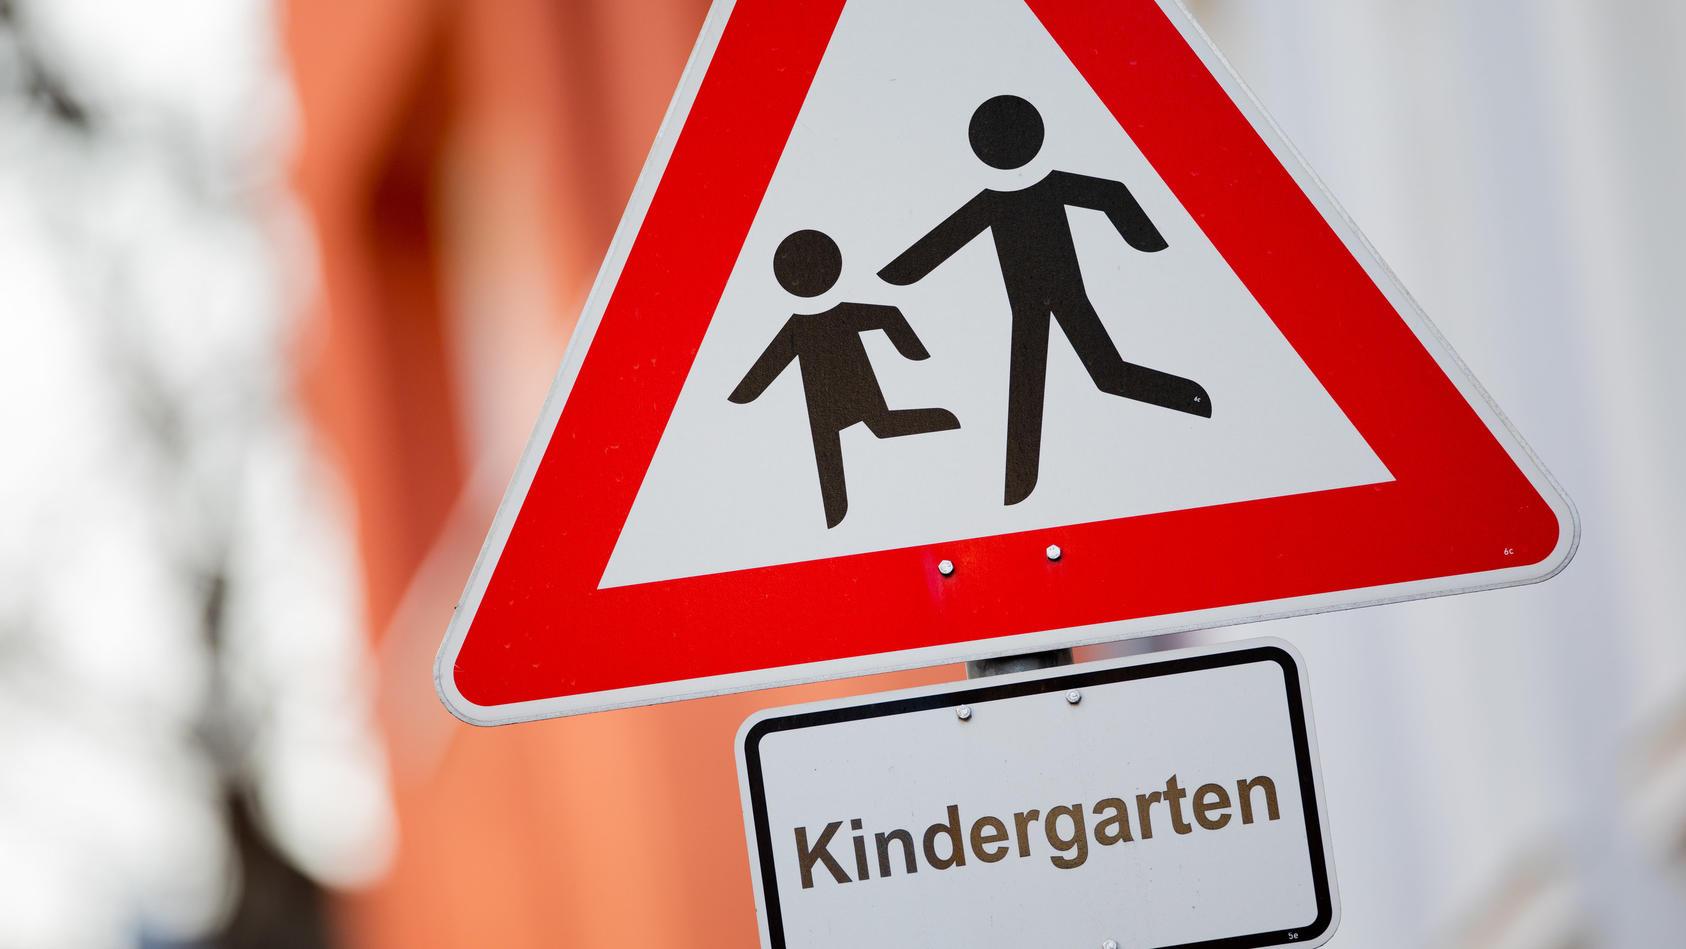 Coronavirus - Kindergarten (Motivbild)